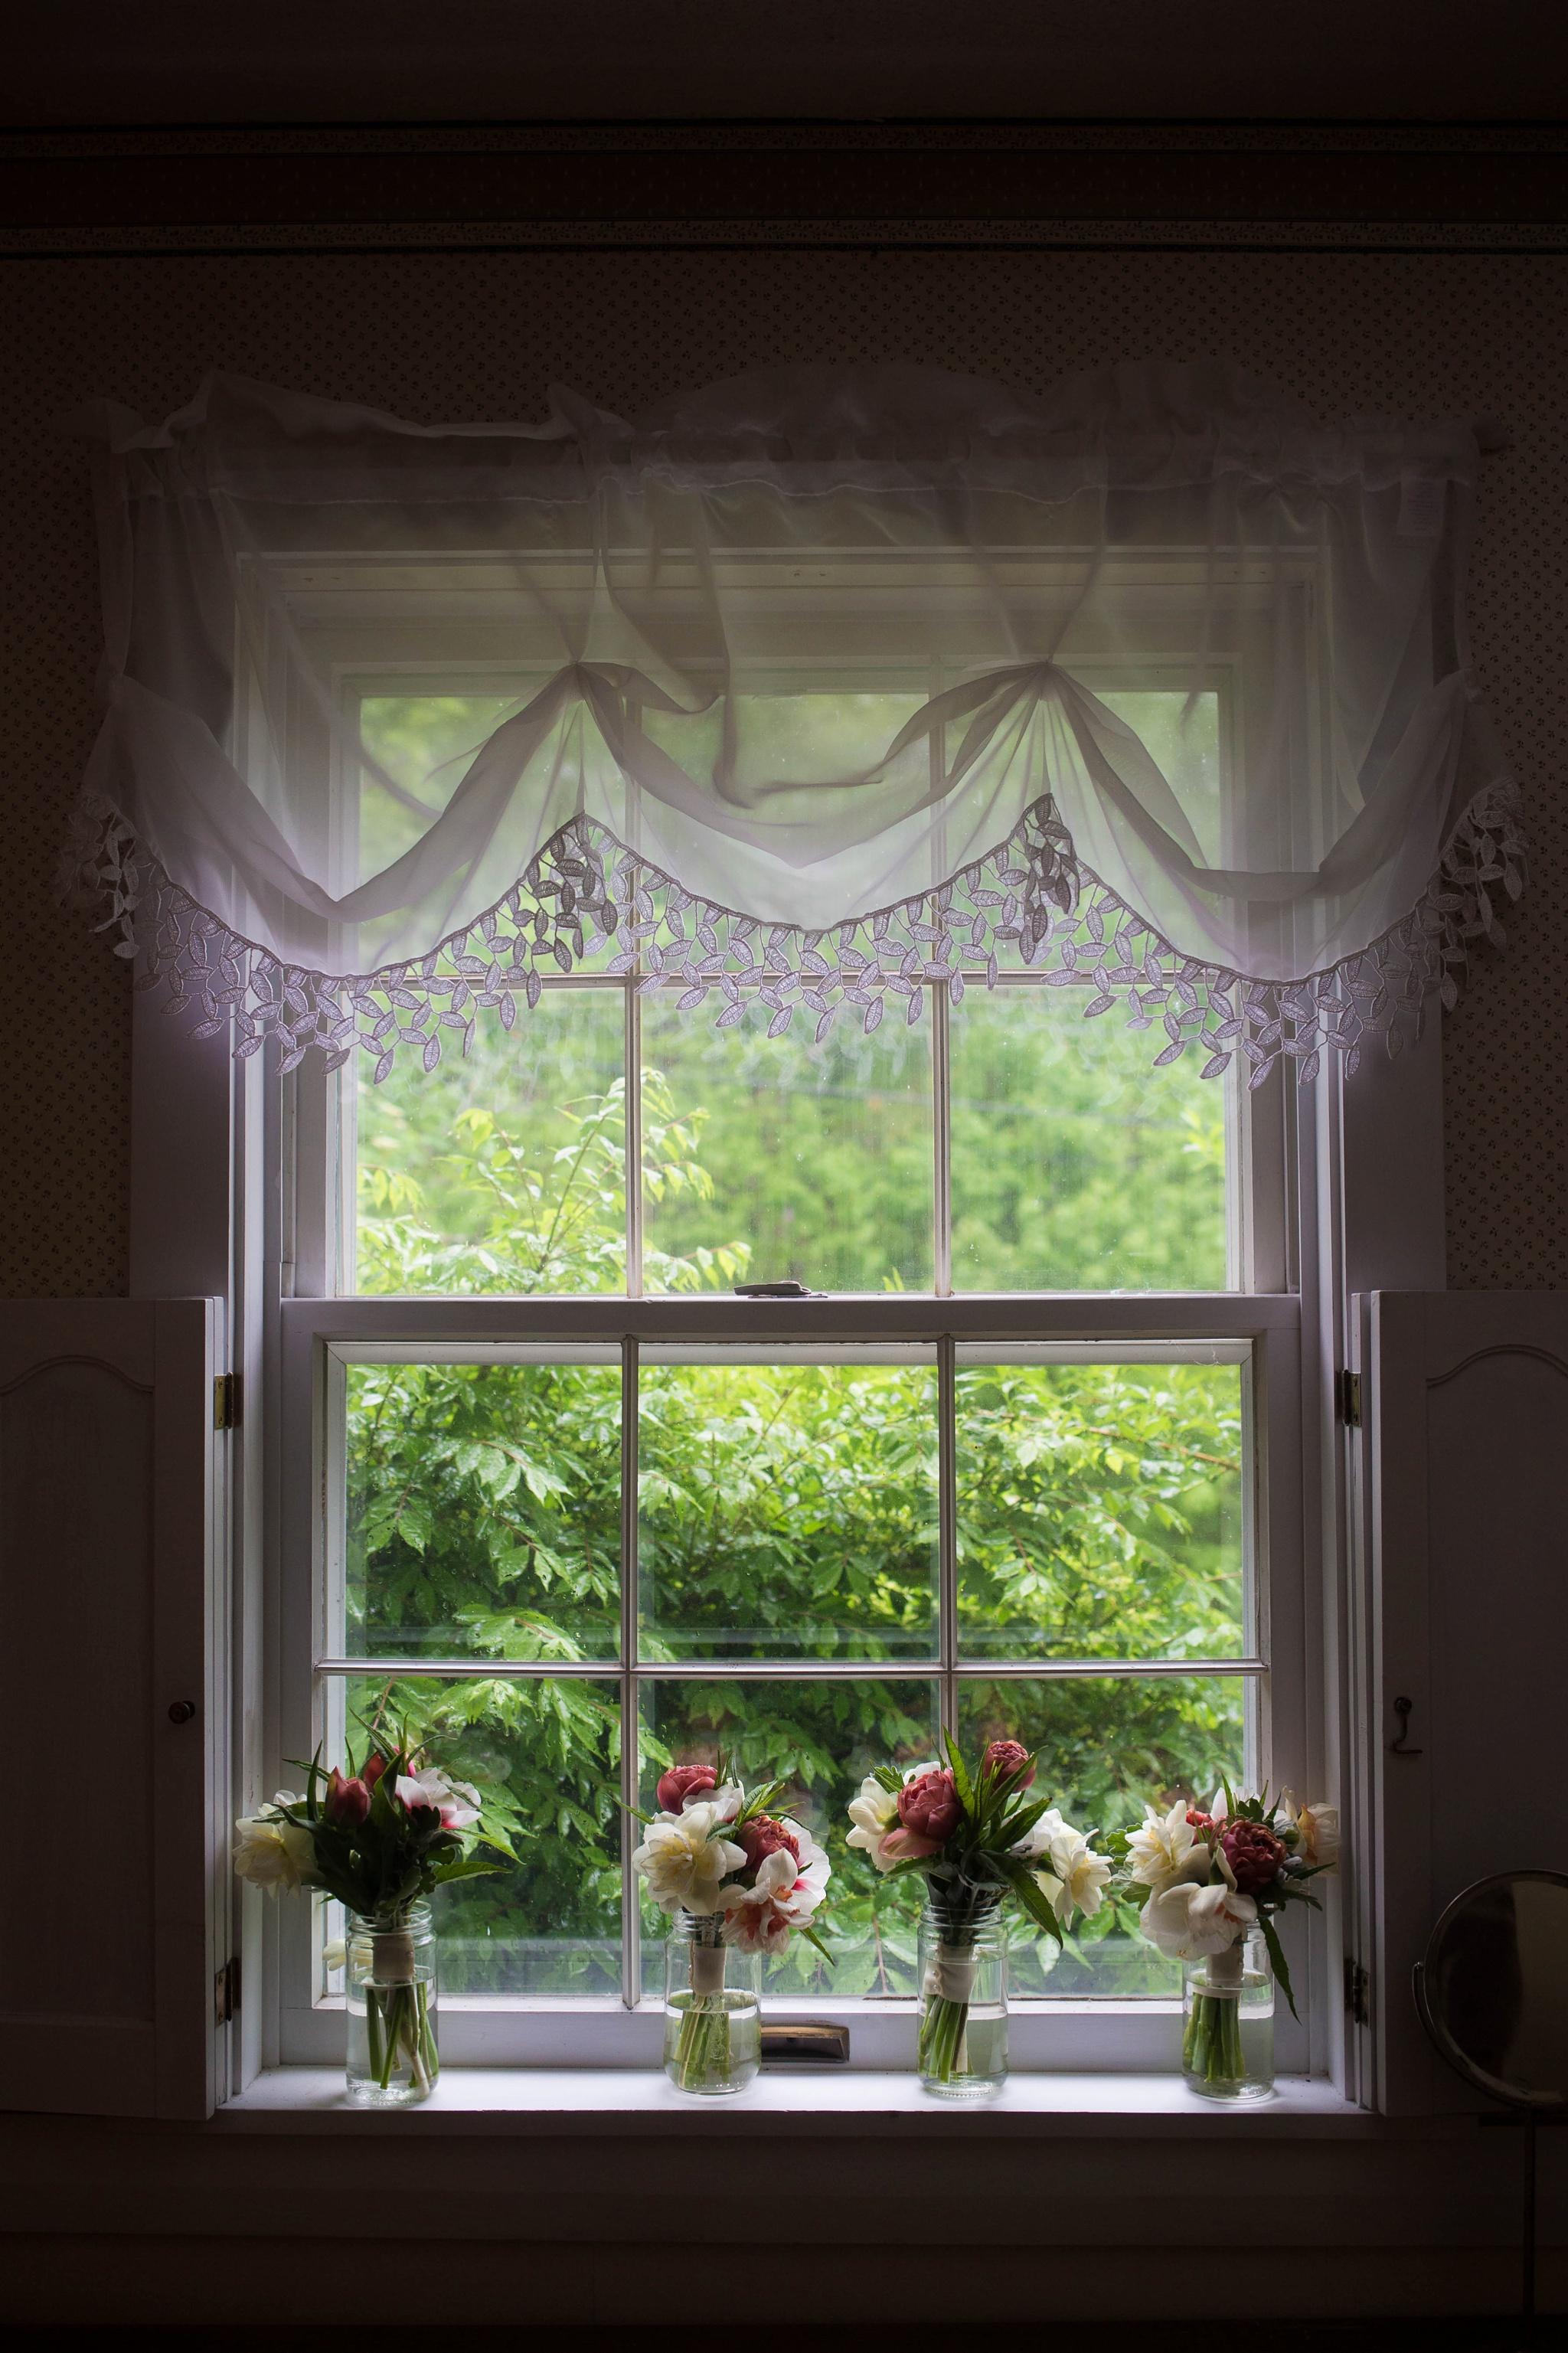 flowers by window